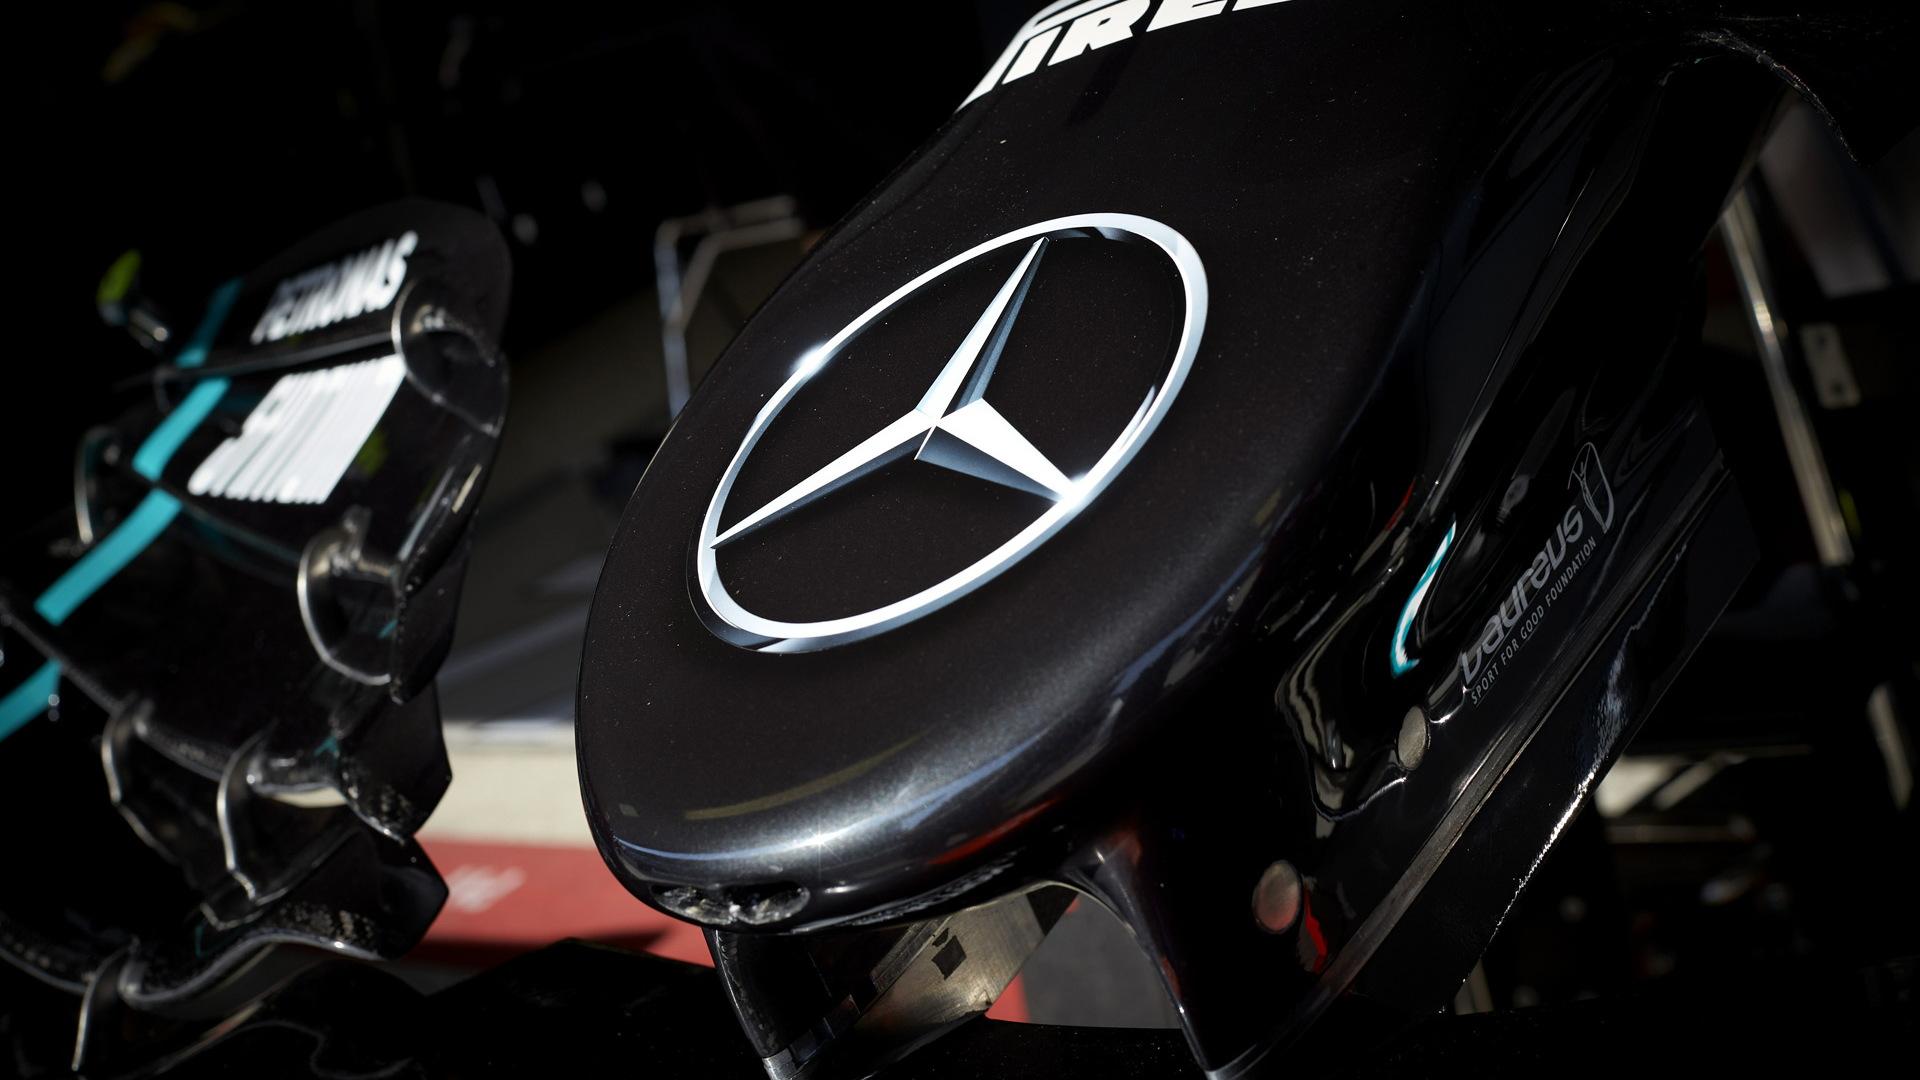 2020 Mercedes-Benz AMG W11 Formula One race car